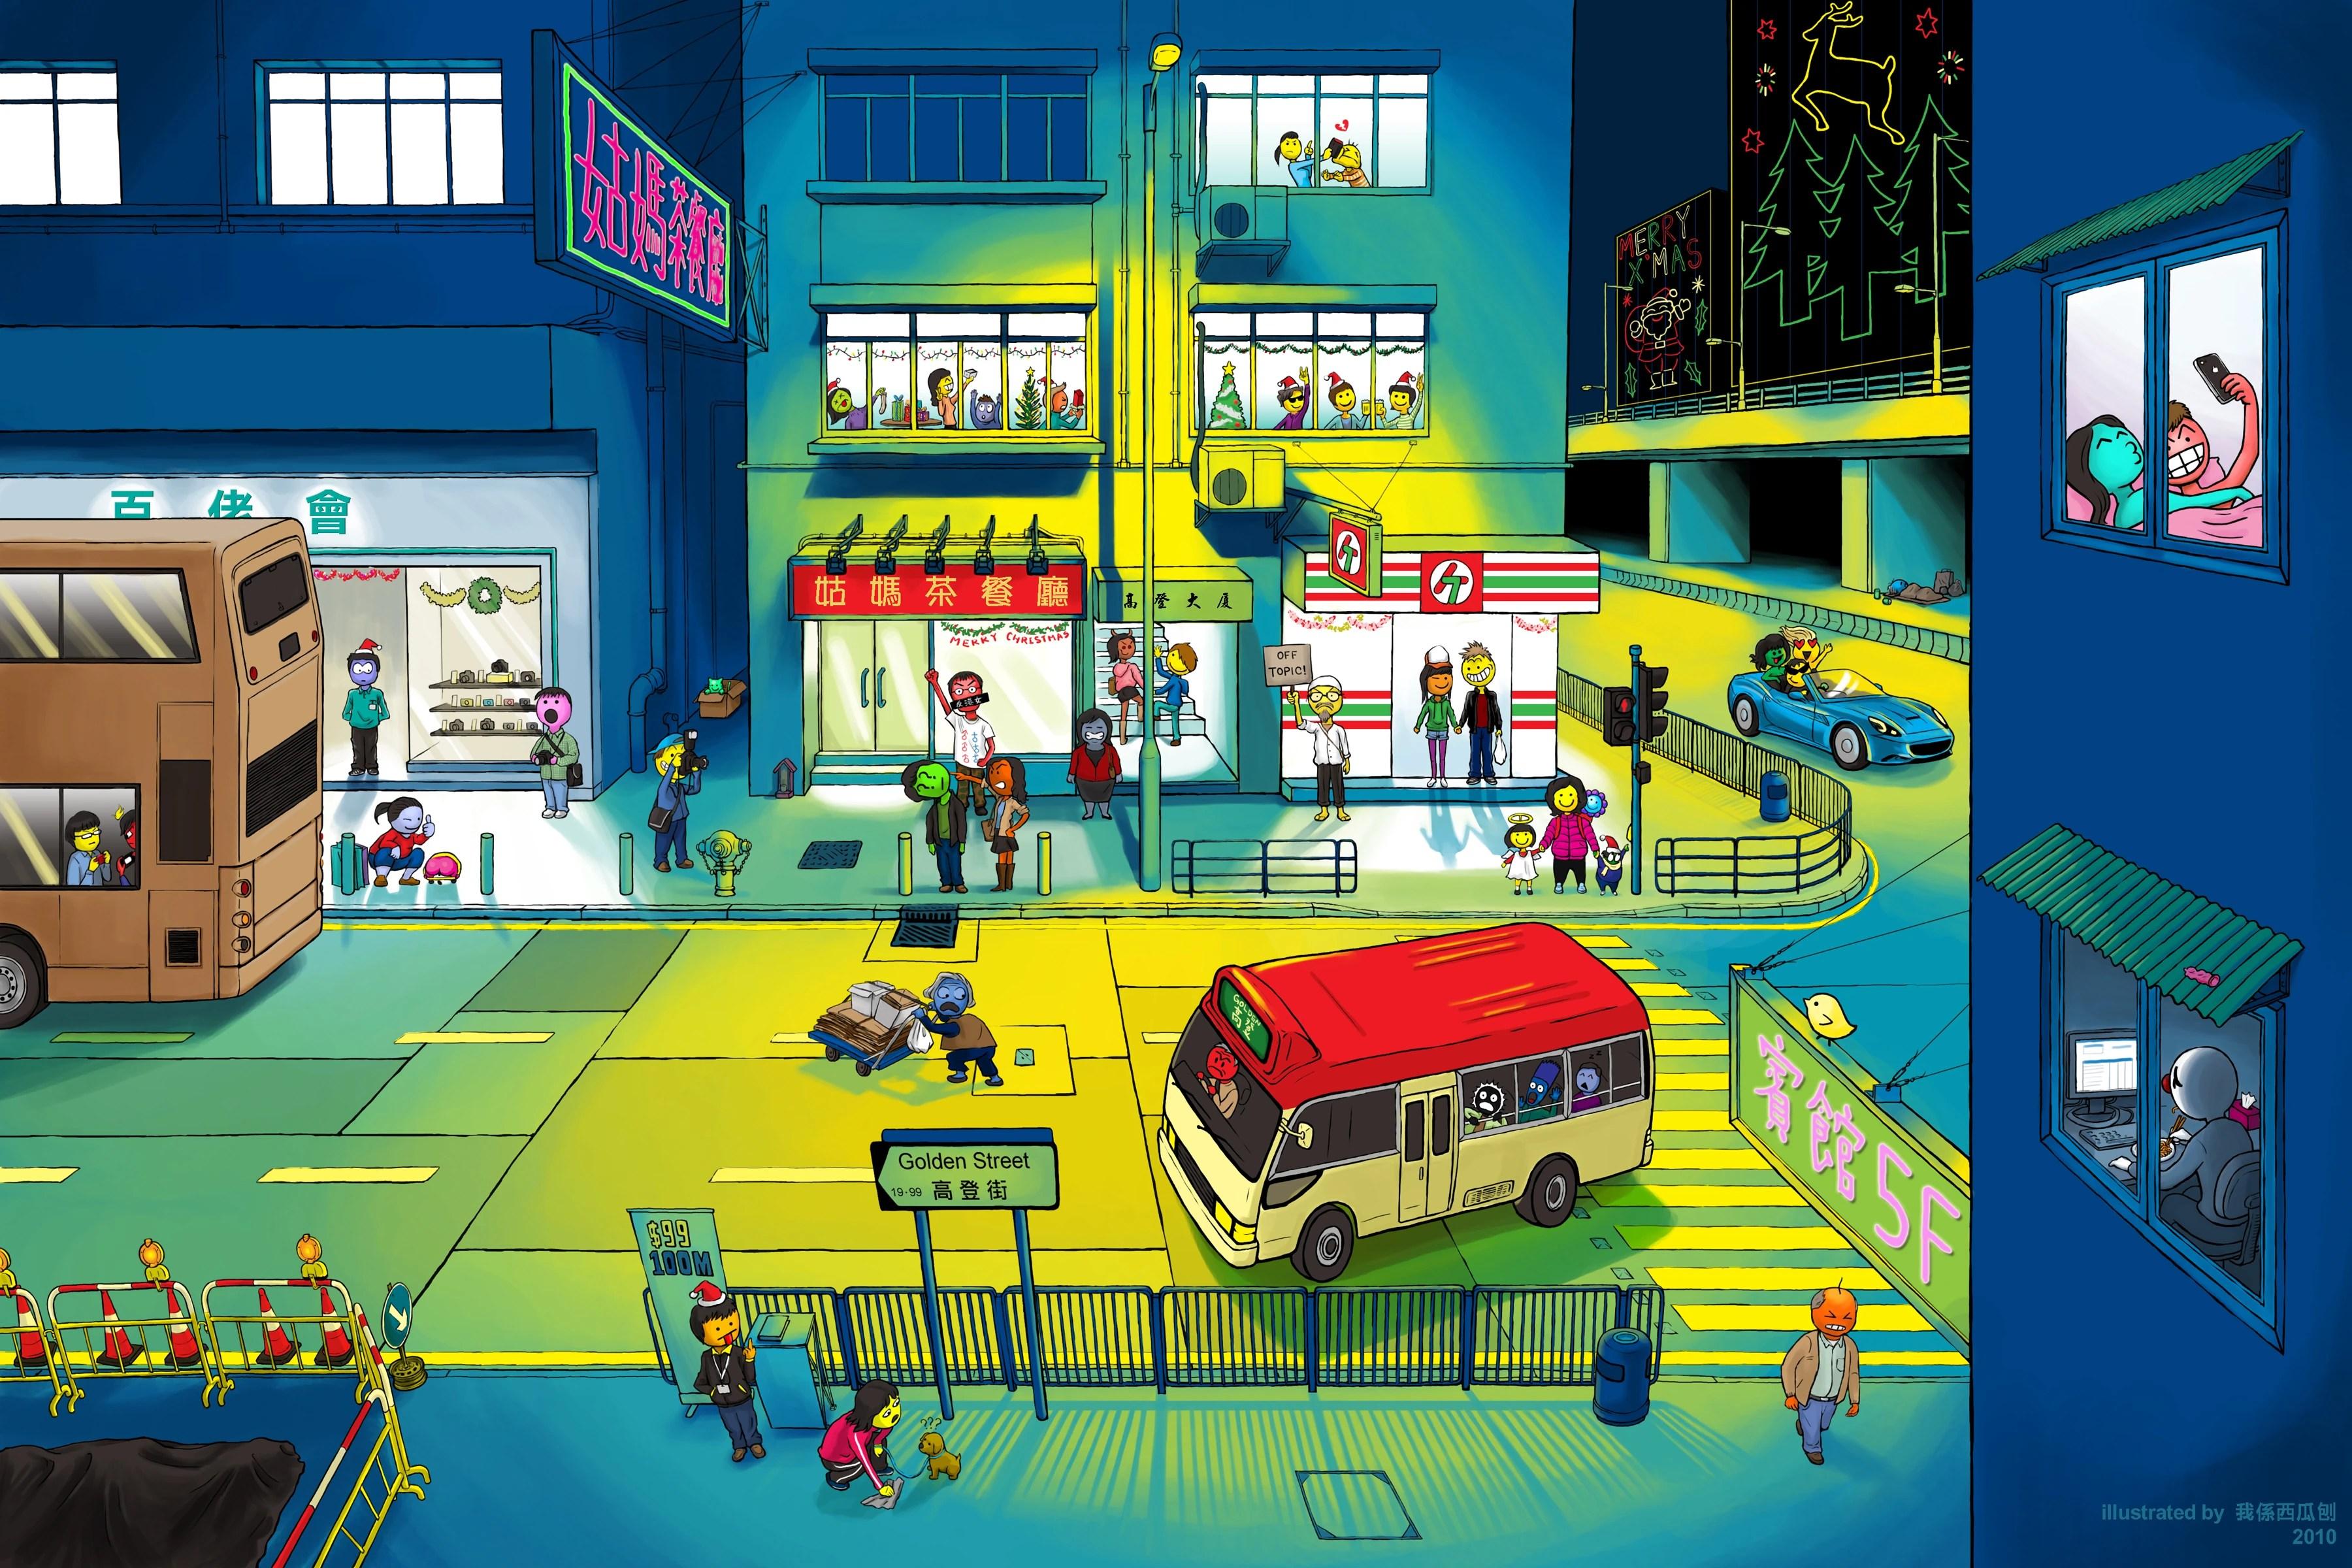 [拋磚引玉] 點解無聖誕版既高登wallpaper - 創意臺 - 香港高登討論區